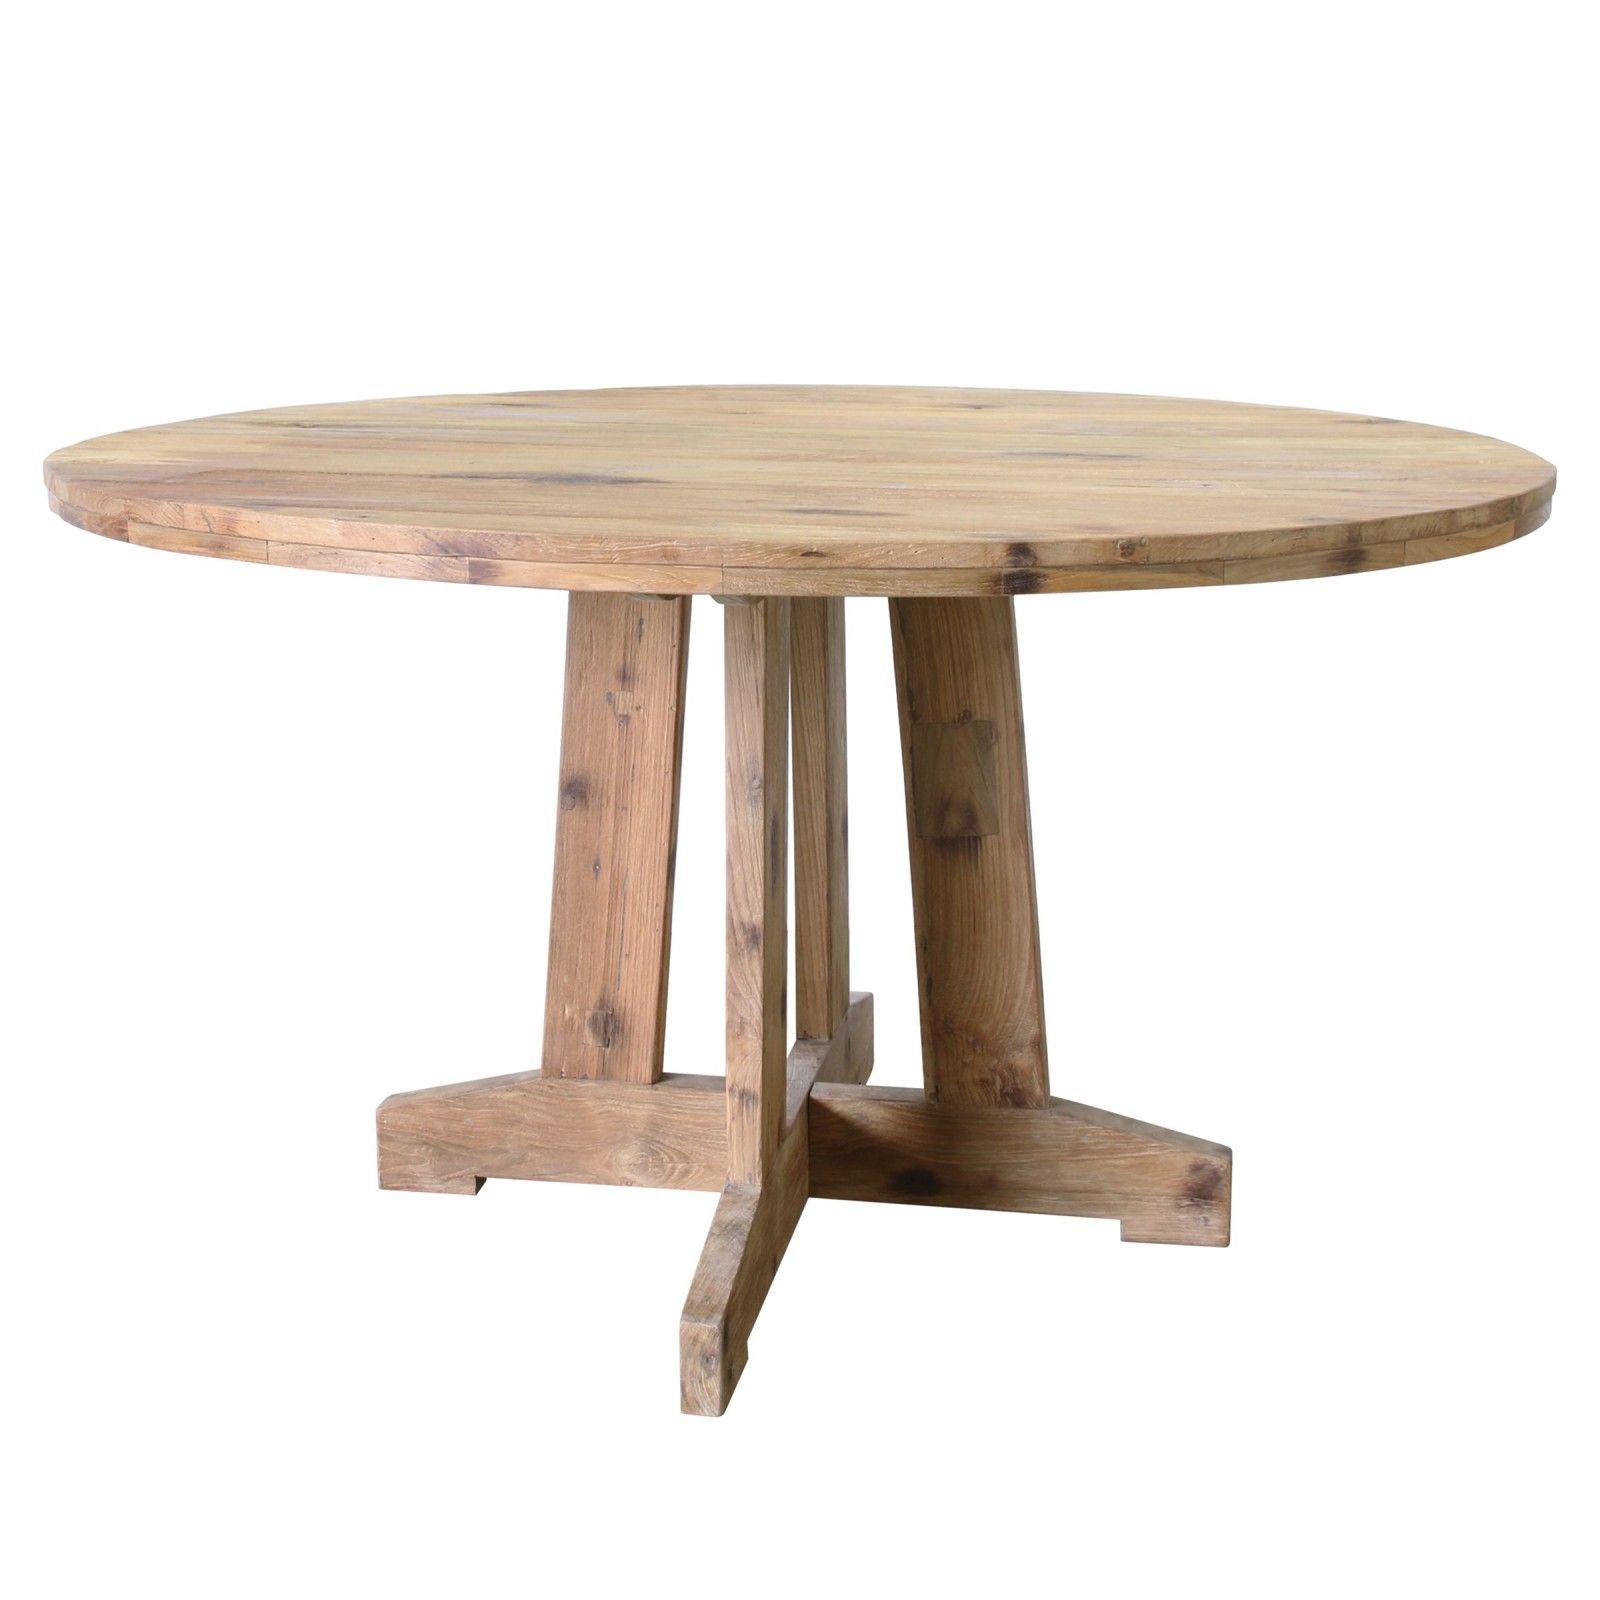 Esstisch aus Teakholz mit einem Durchmesser von 140 cm